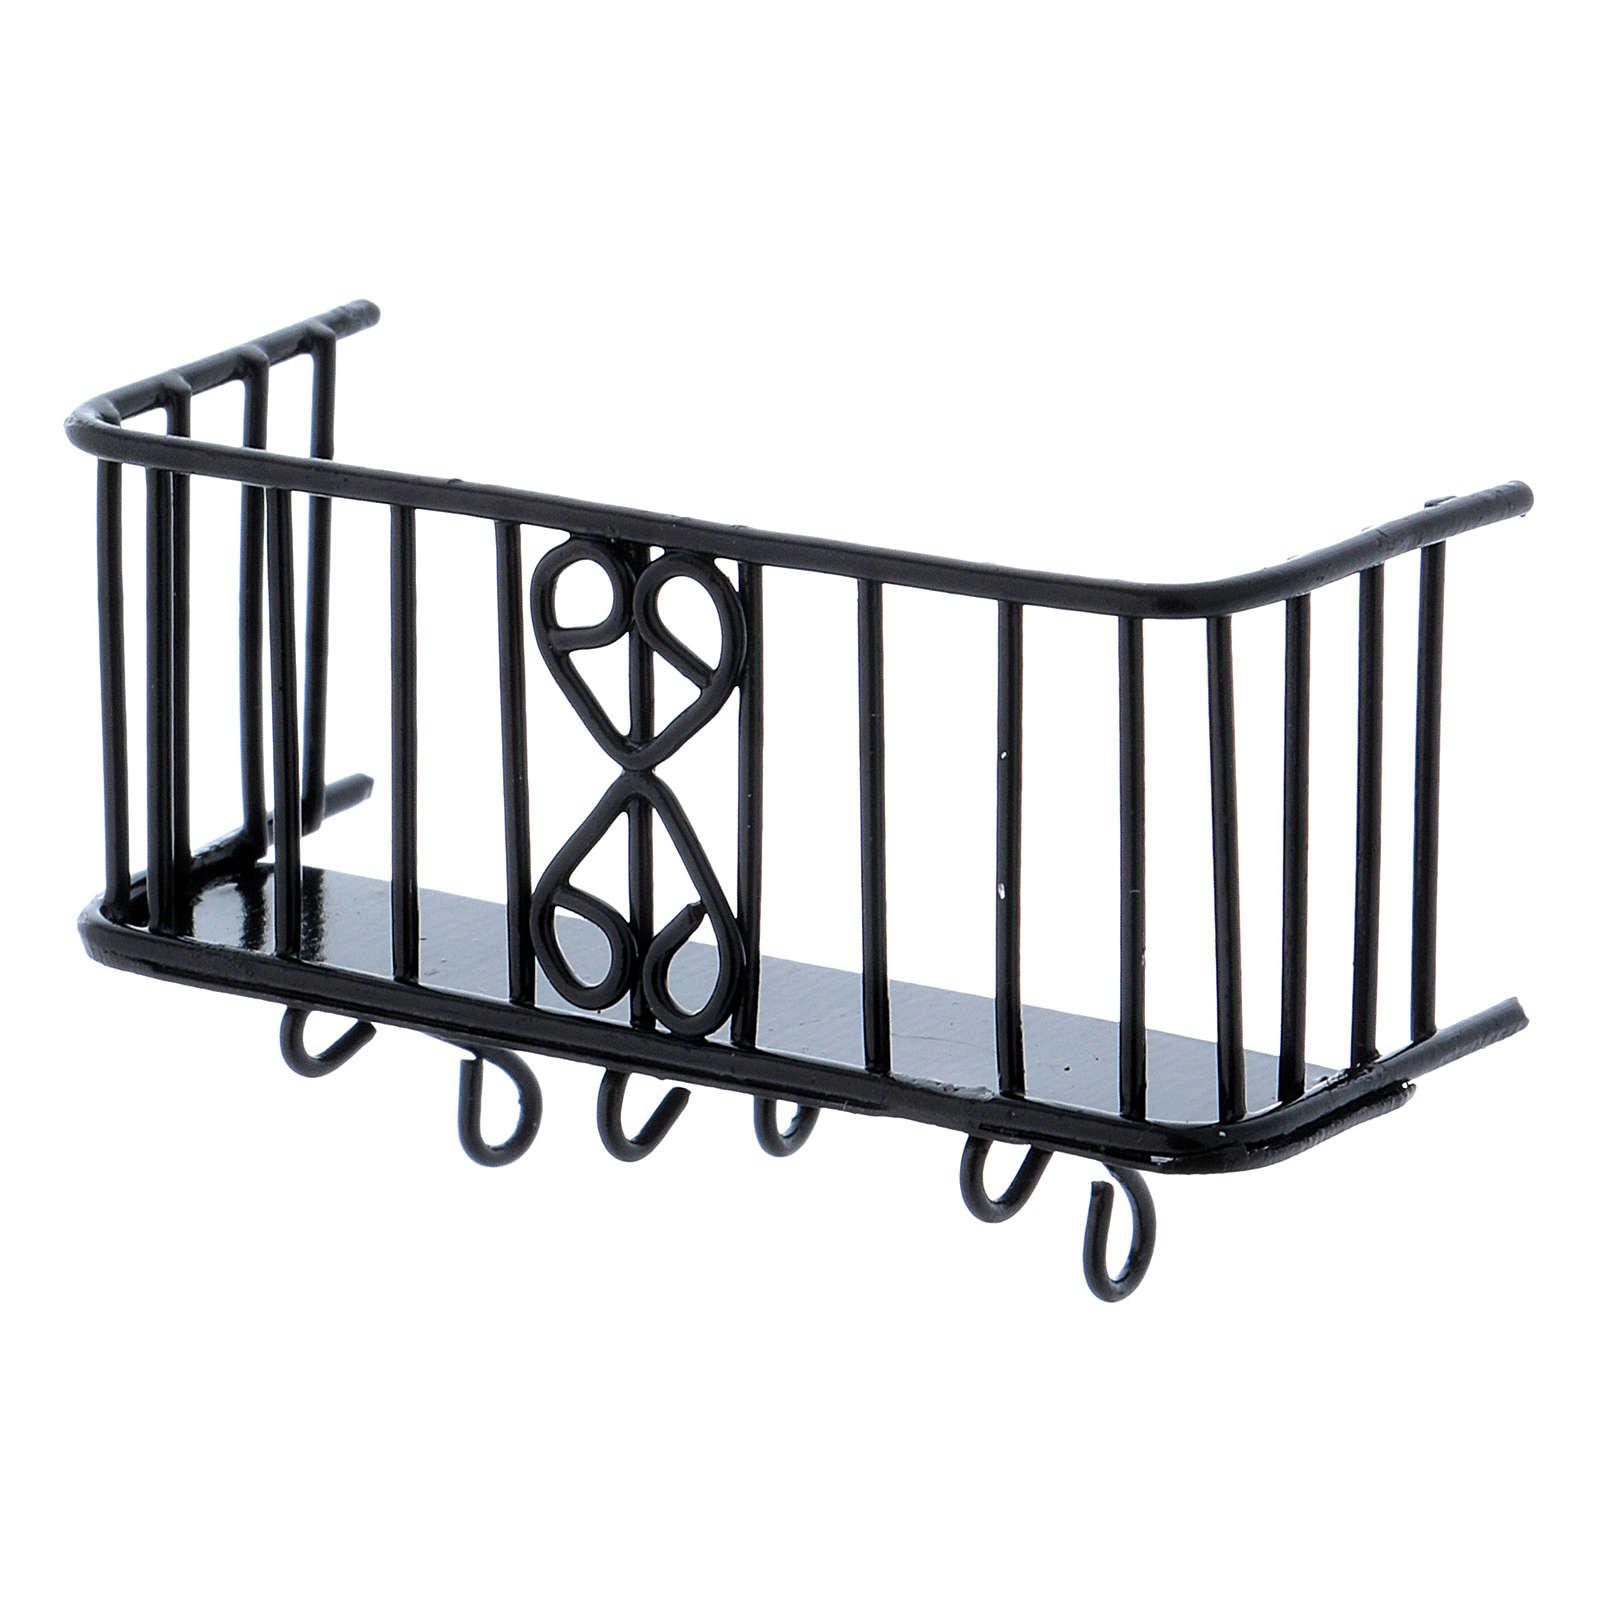 Iron balcony 3x5x2.5 cm 4